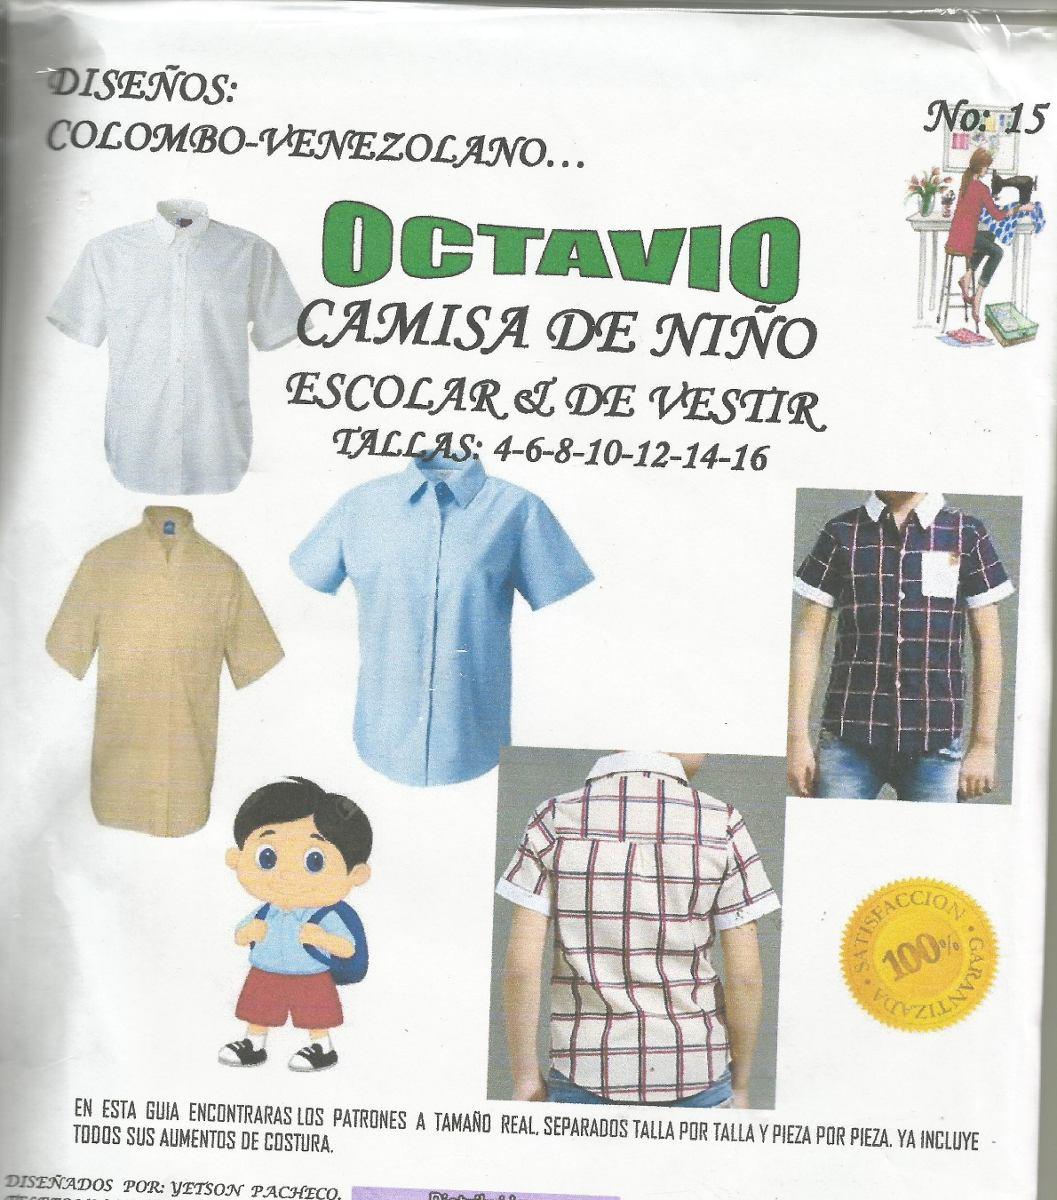 Patrones Octavio Camisa Escolar Niño #15 - Bs. 450,01 en Mercado Libre